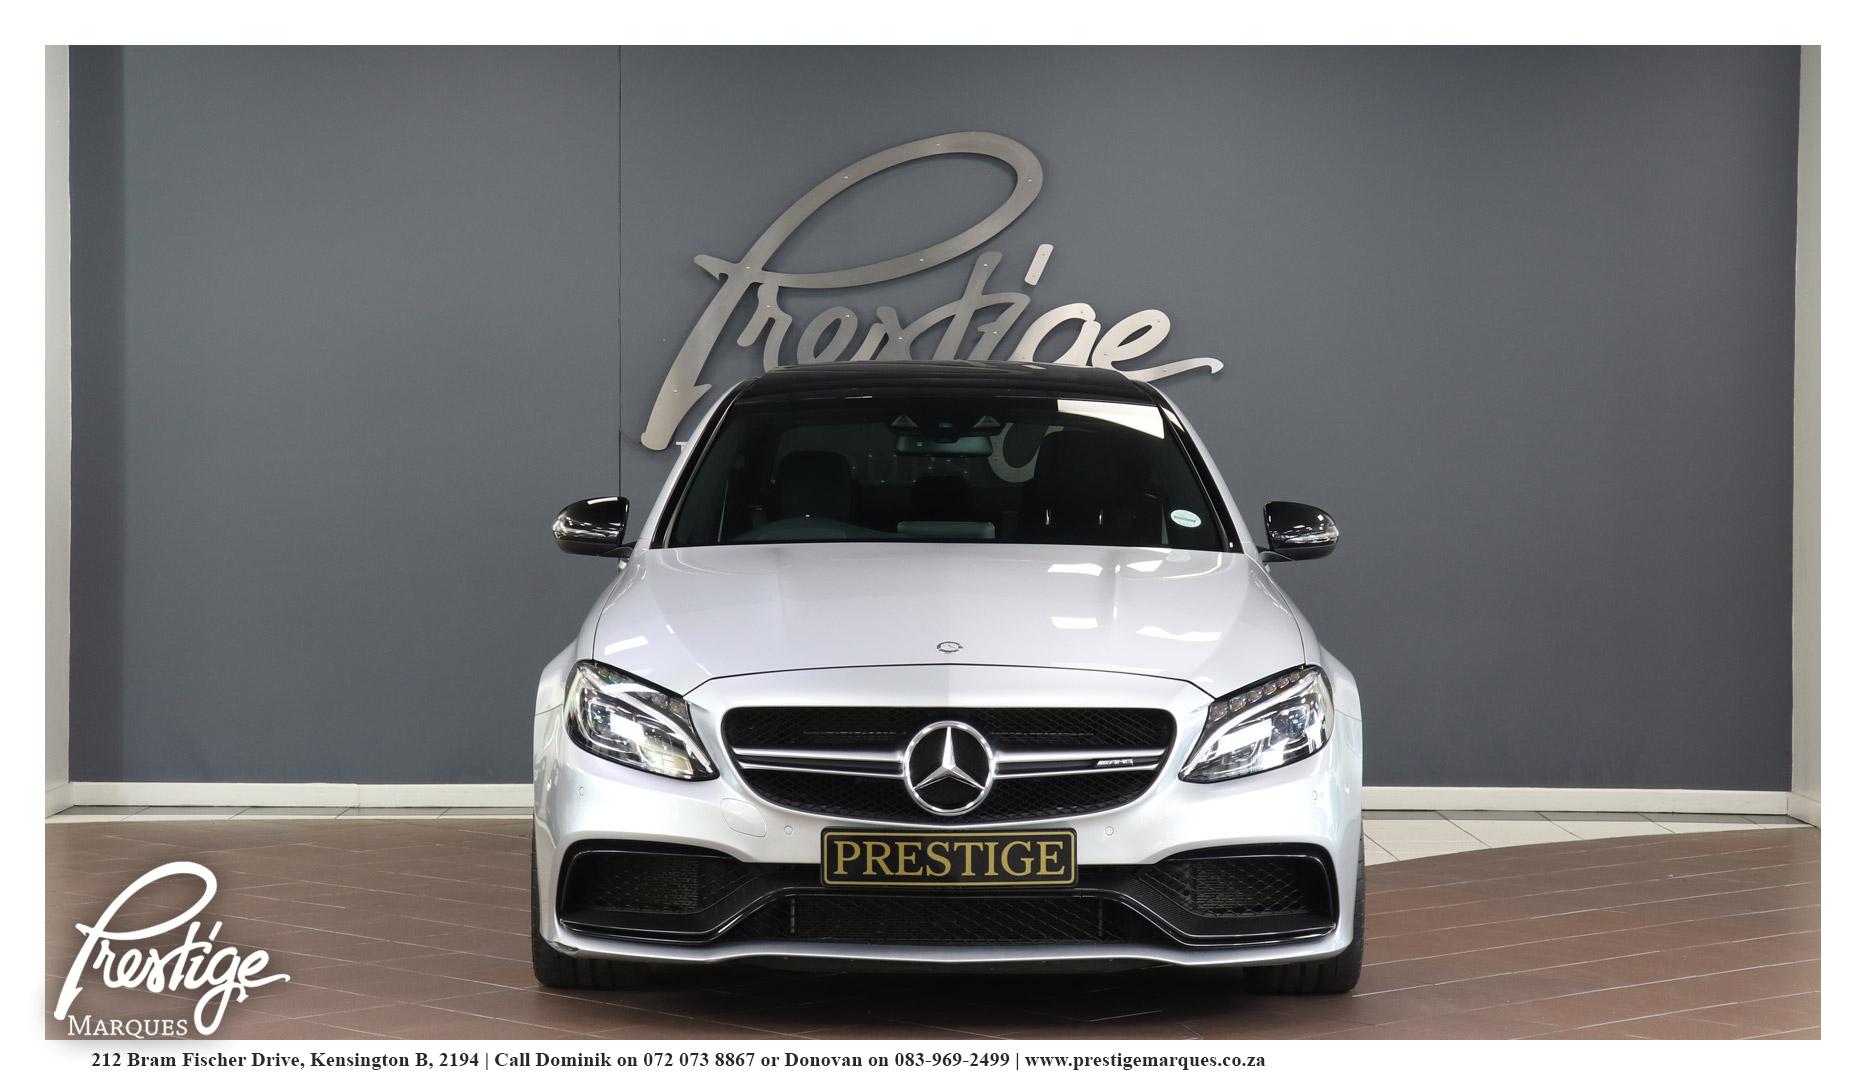 Mercedes-Benz-C63s-AMG-Prestige-Marques-8